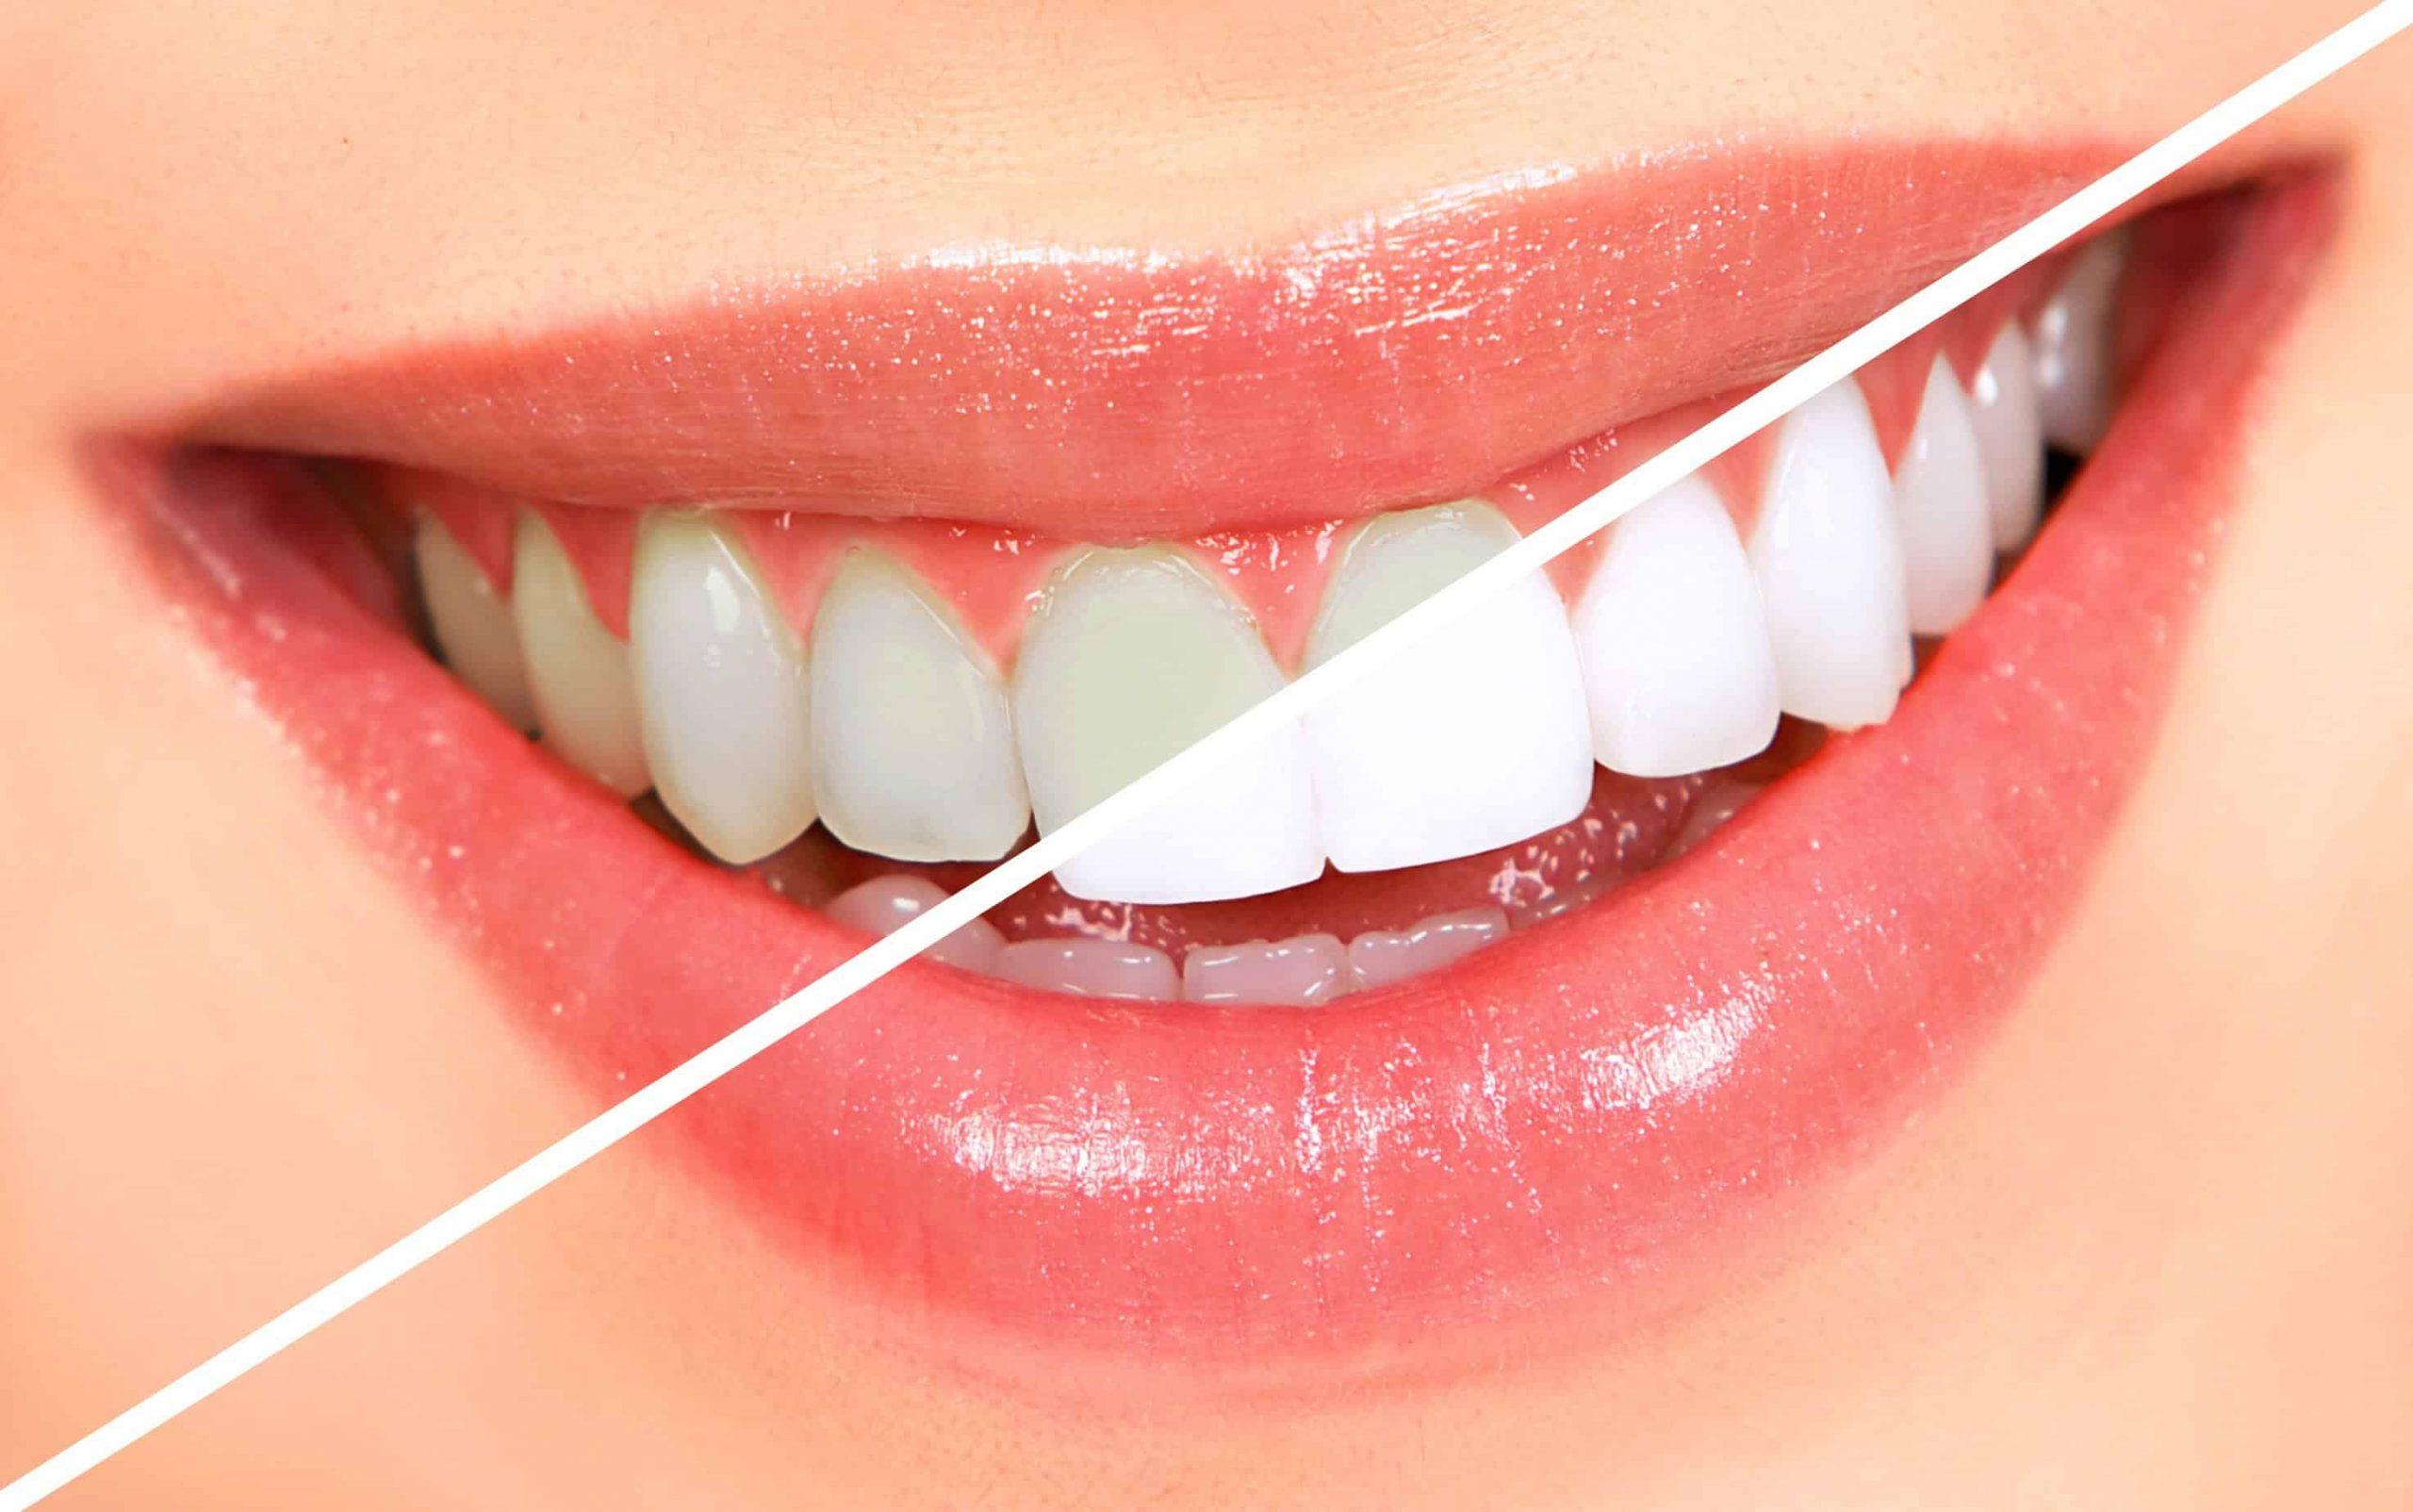 نحوه سفید کردن دندان ها در خانه